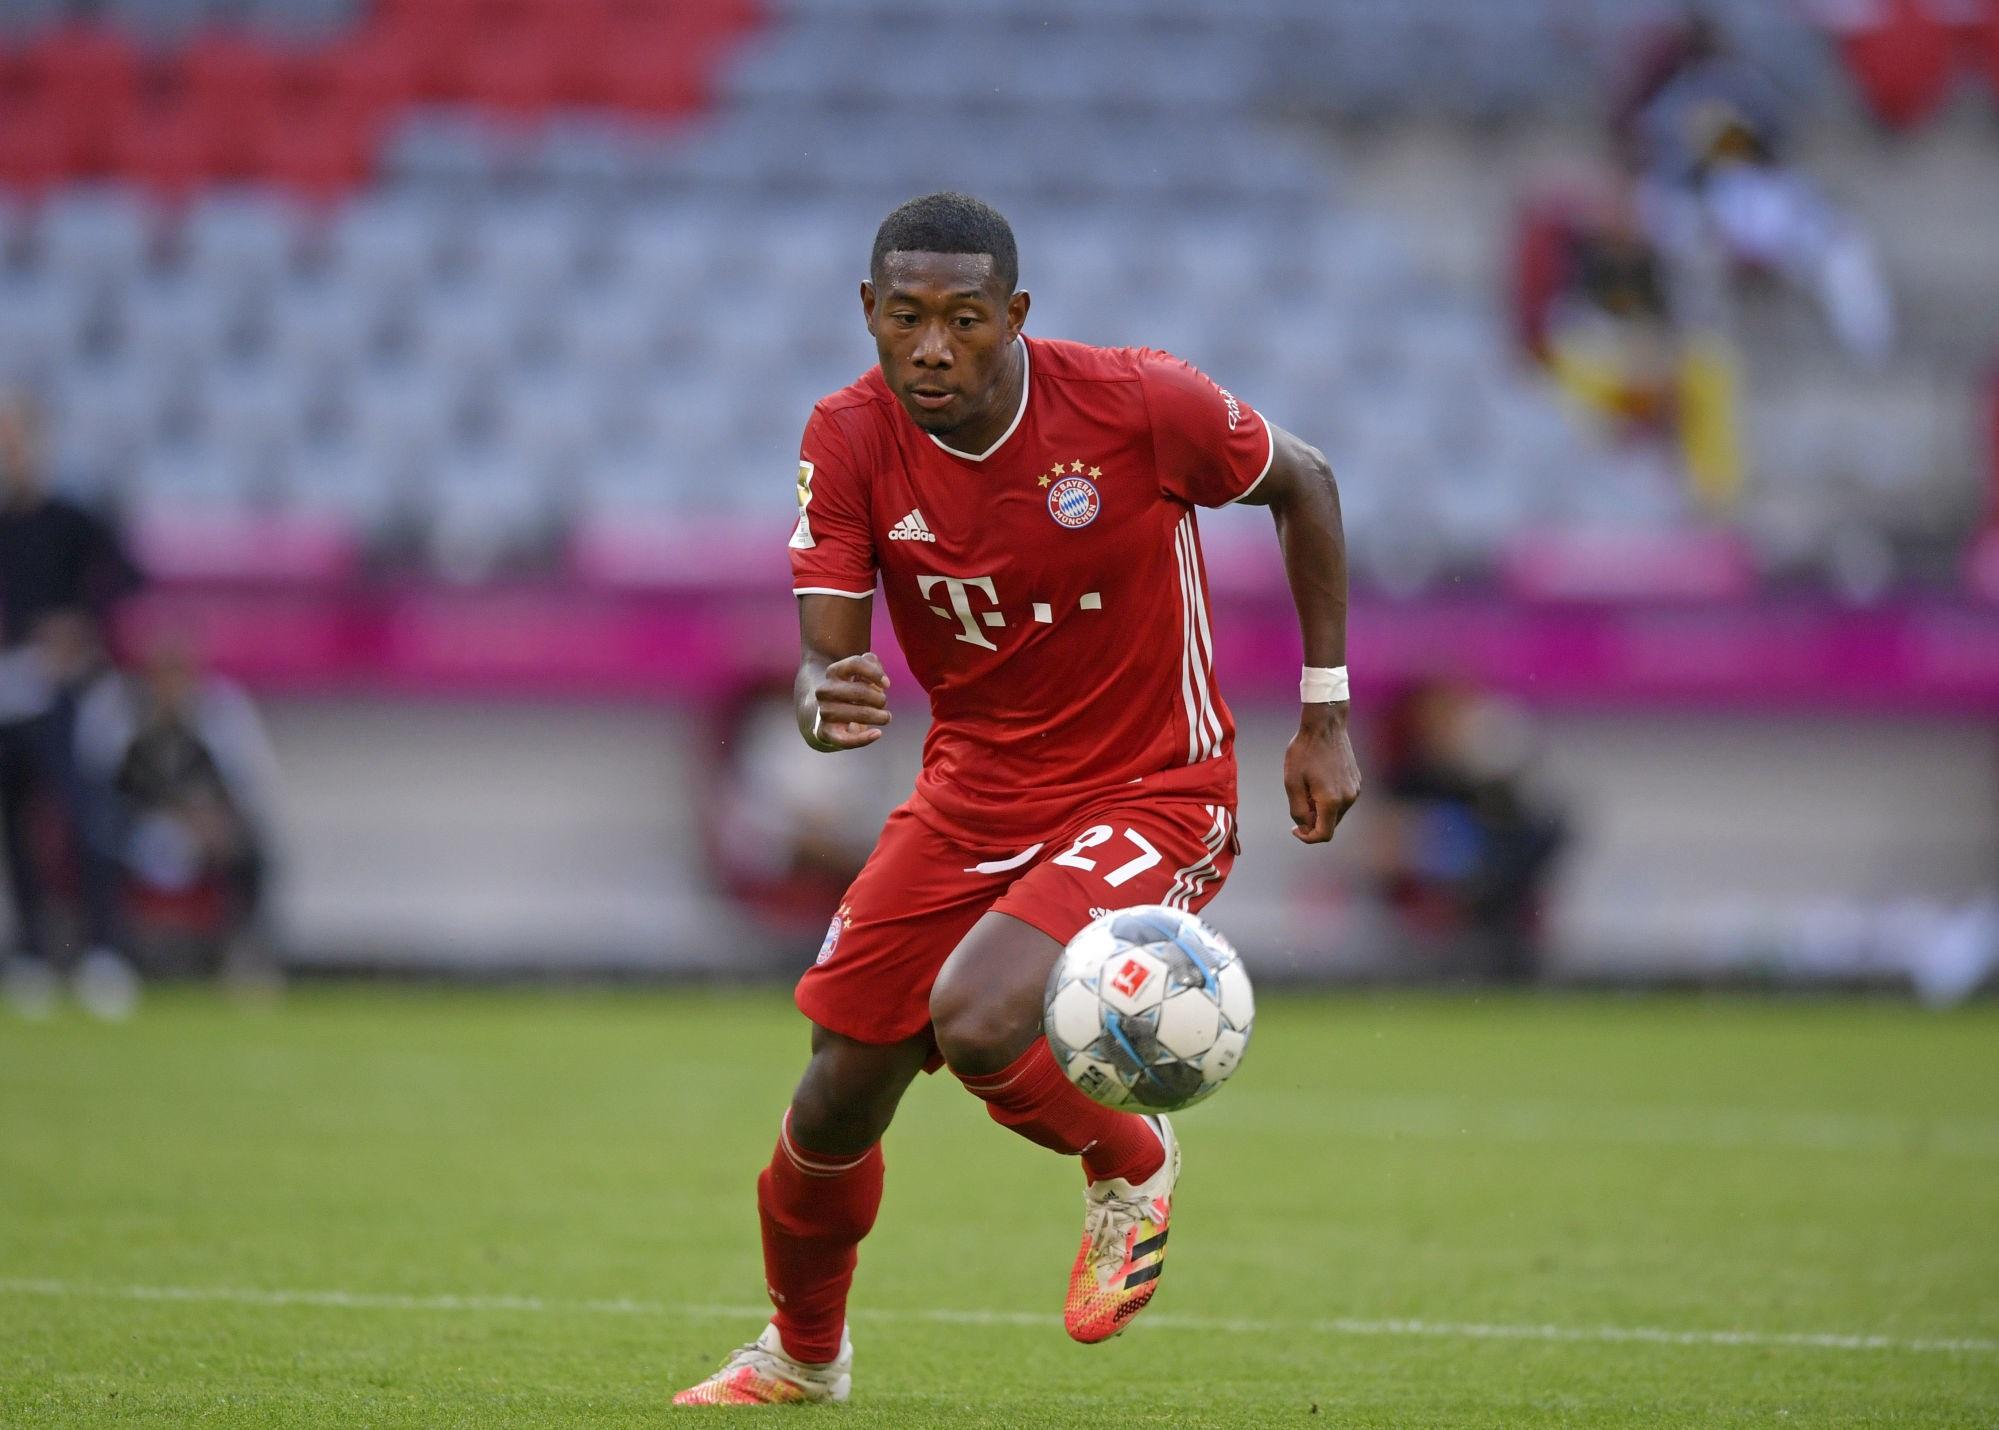 Mercato - Le PSG a contacté David Alaba, selon Sky